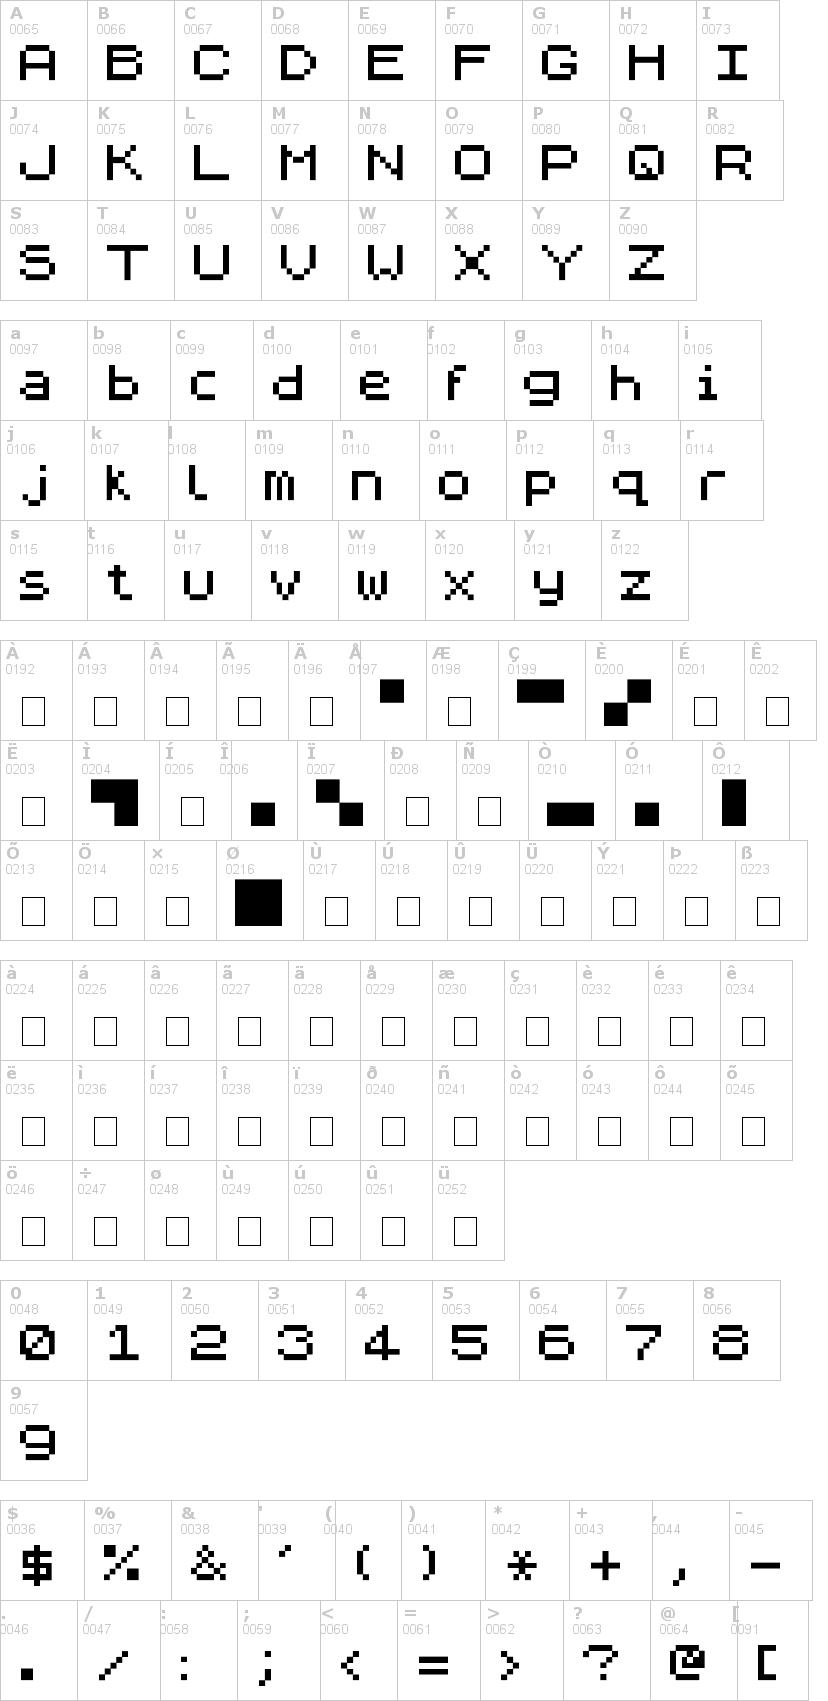 Lettere dell'alfabeto del font zx81 con le quali è possibile realizzare adesivi prespaziati